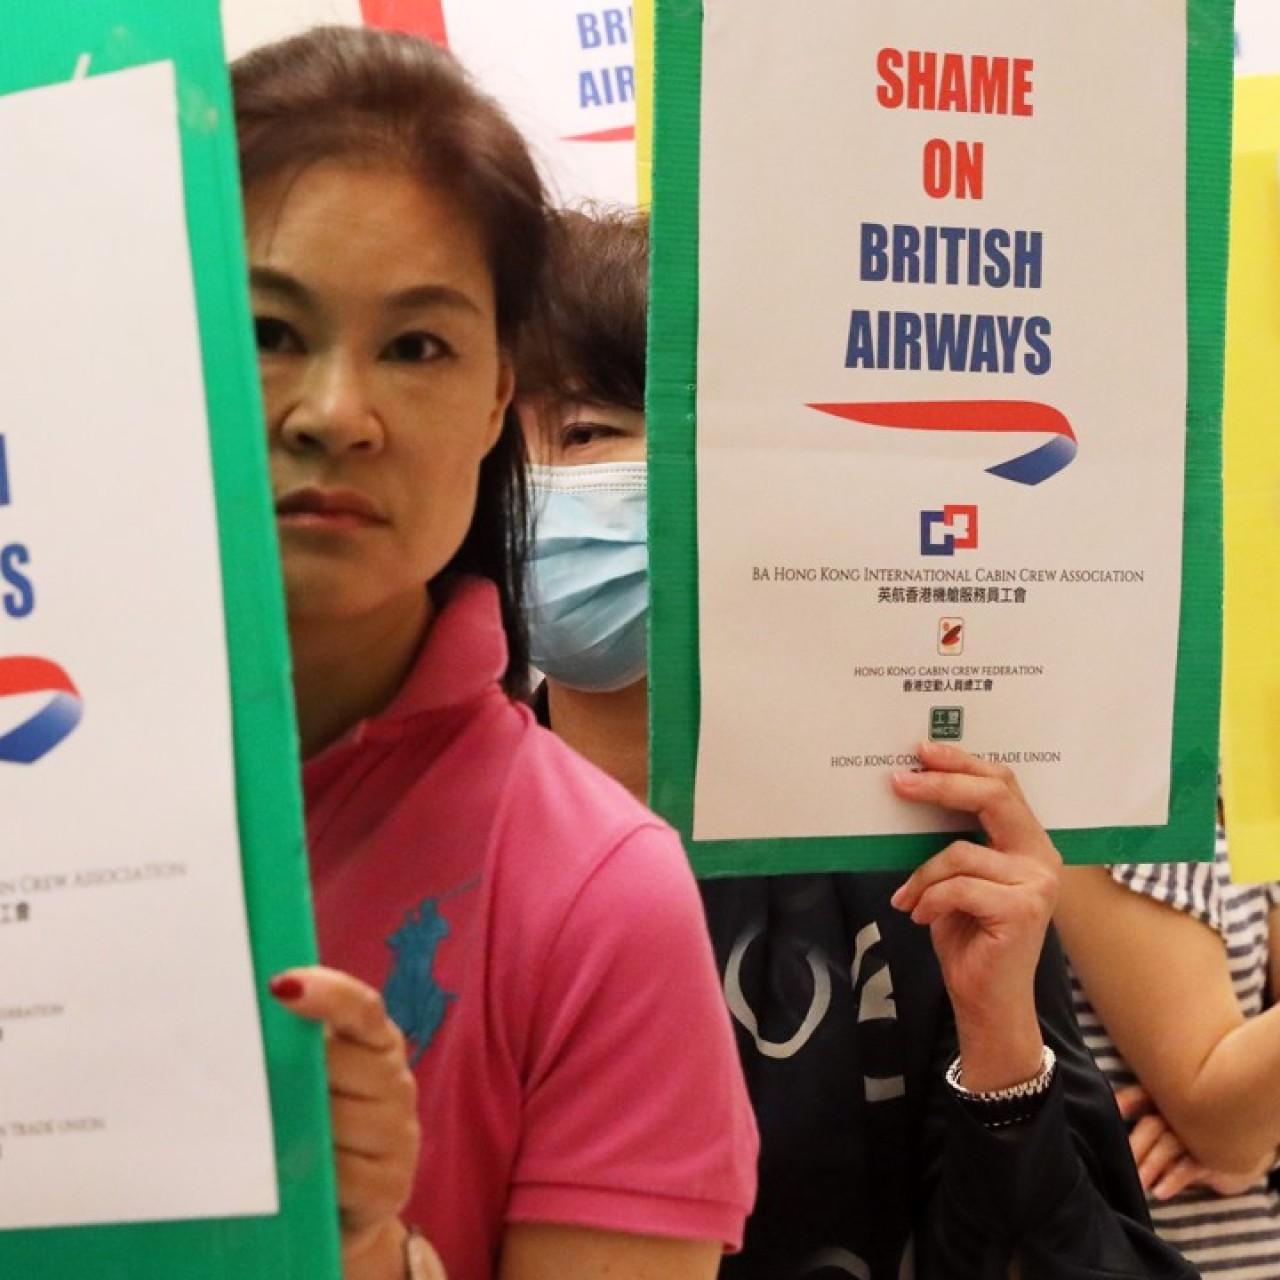 British Airways' senior managers and sacked Hong Kong